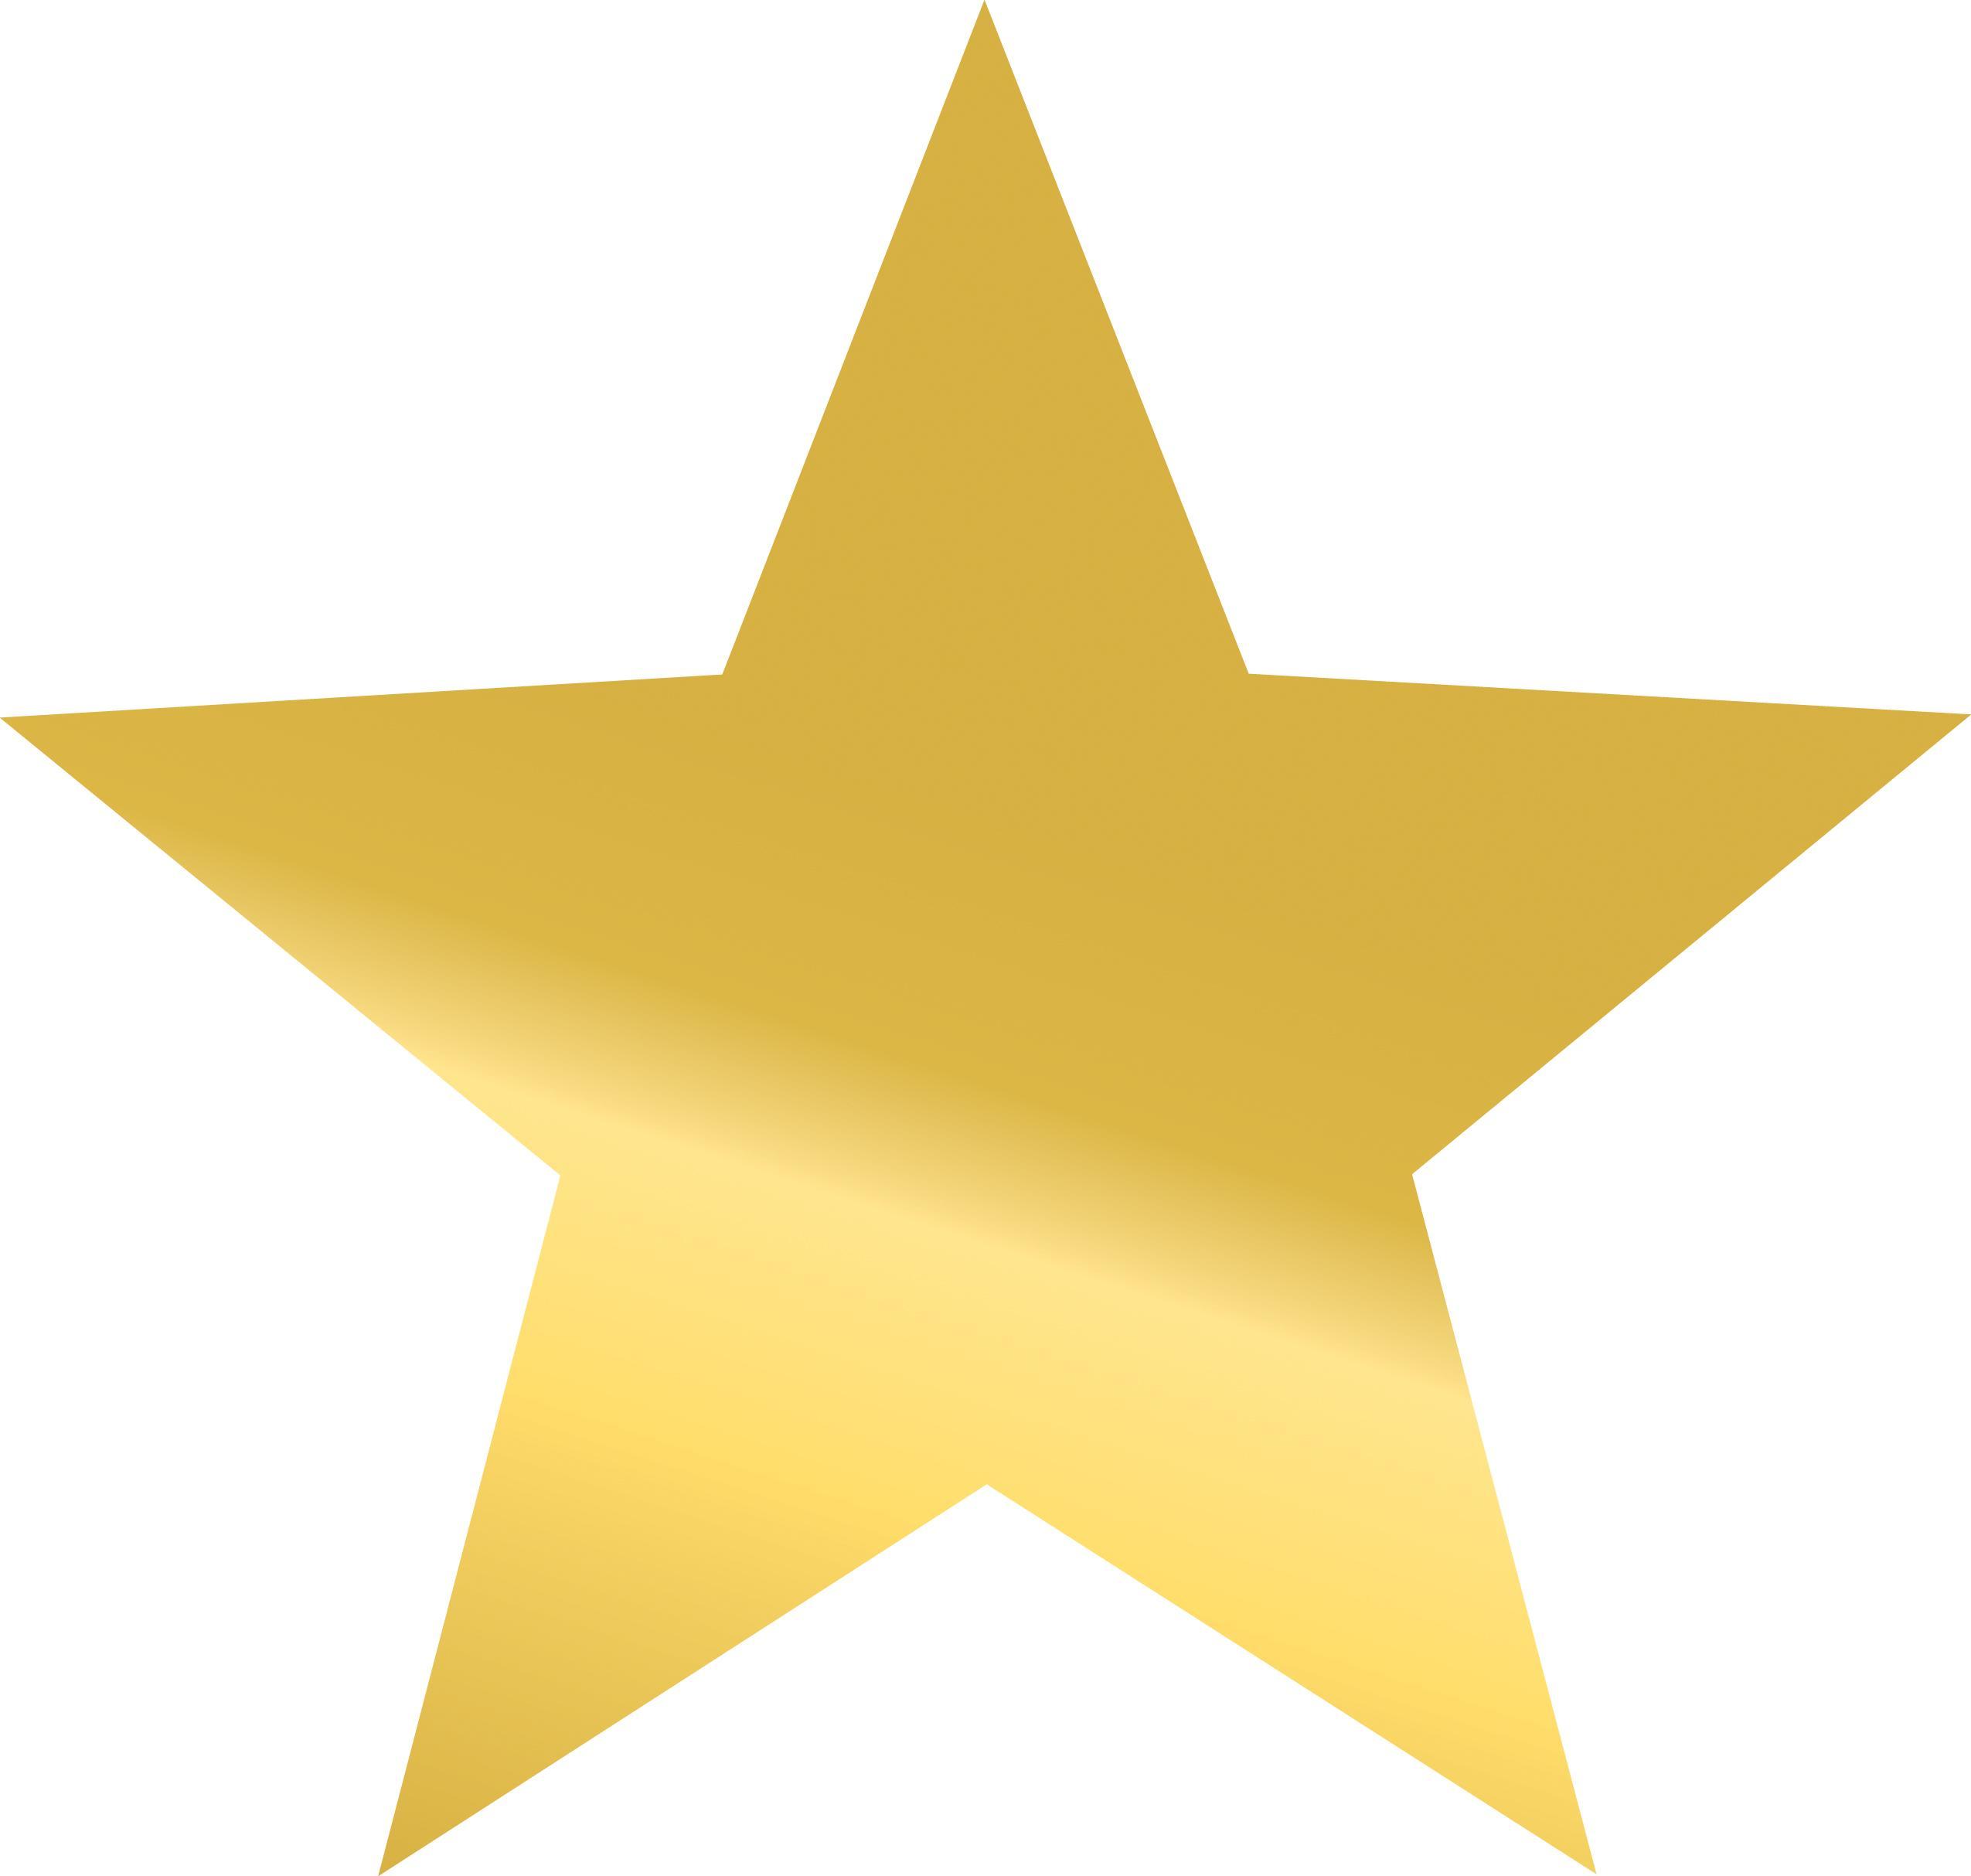 Qui est la star cachée ?